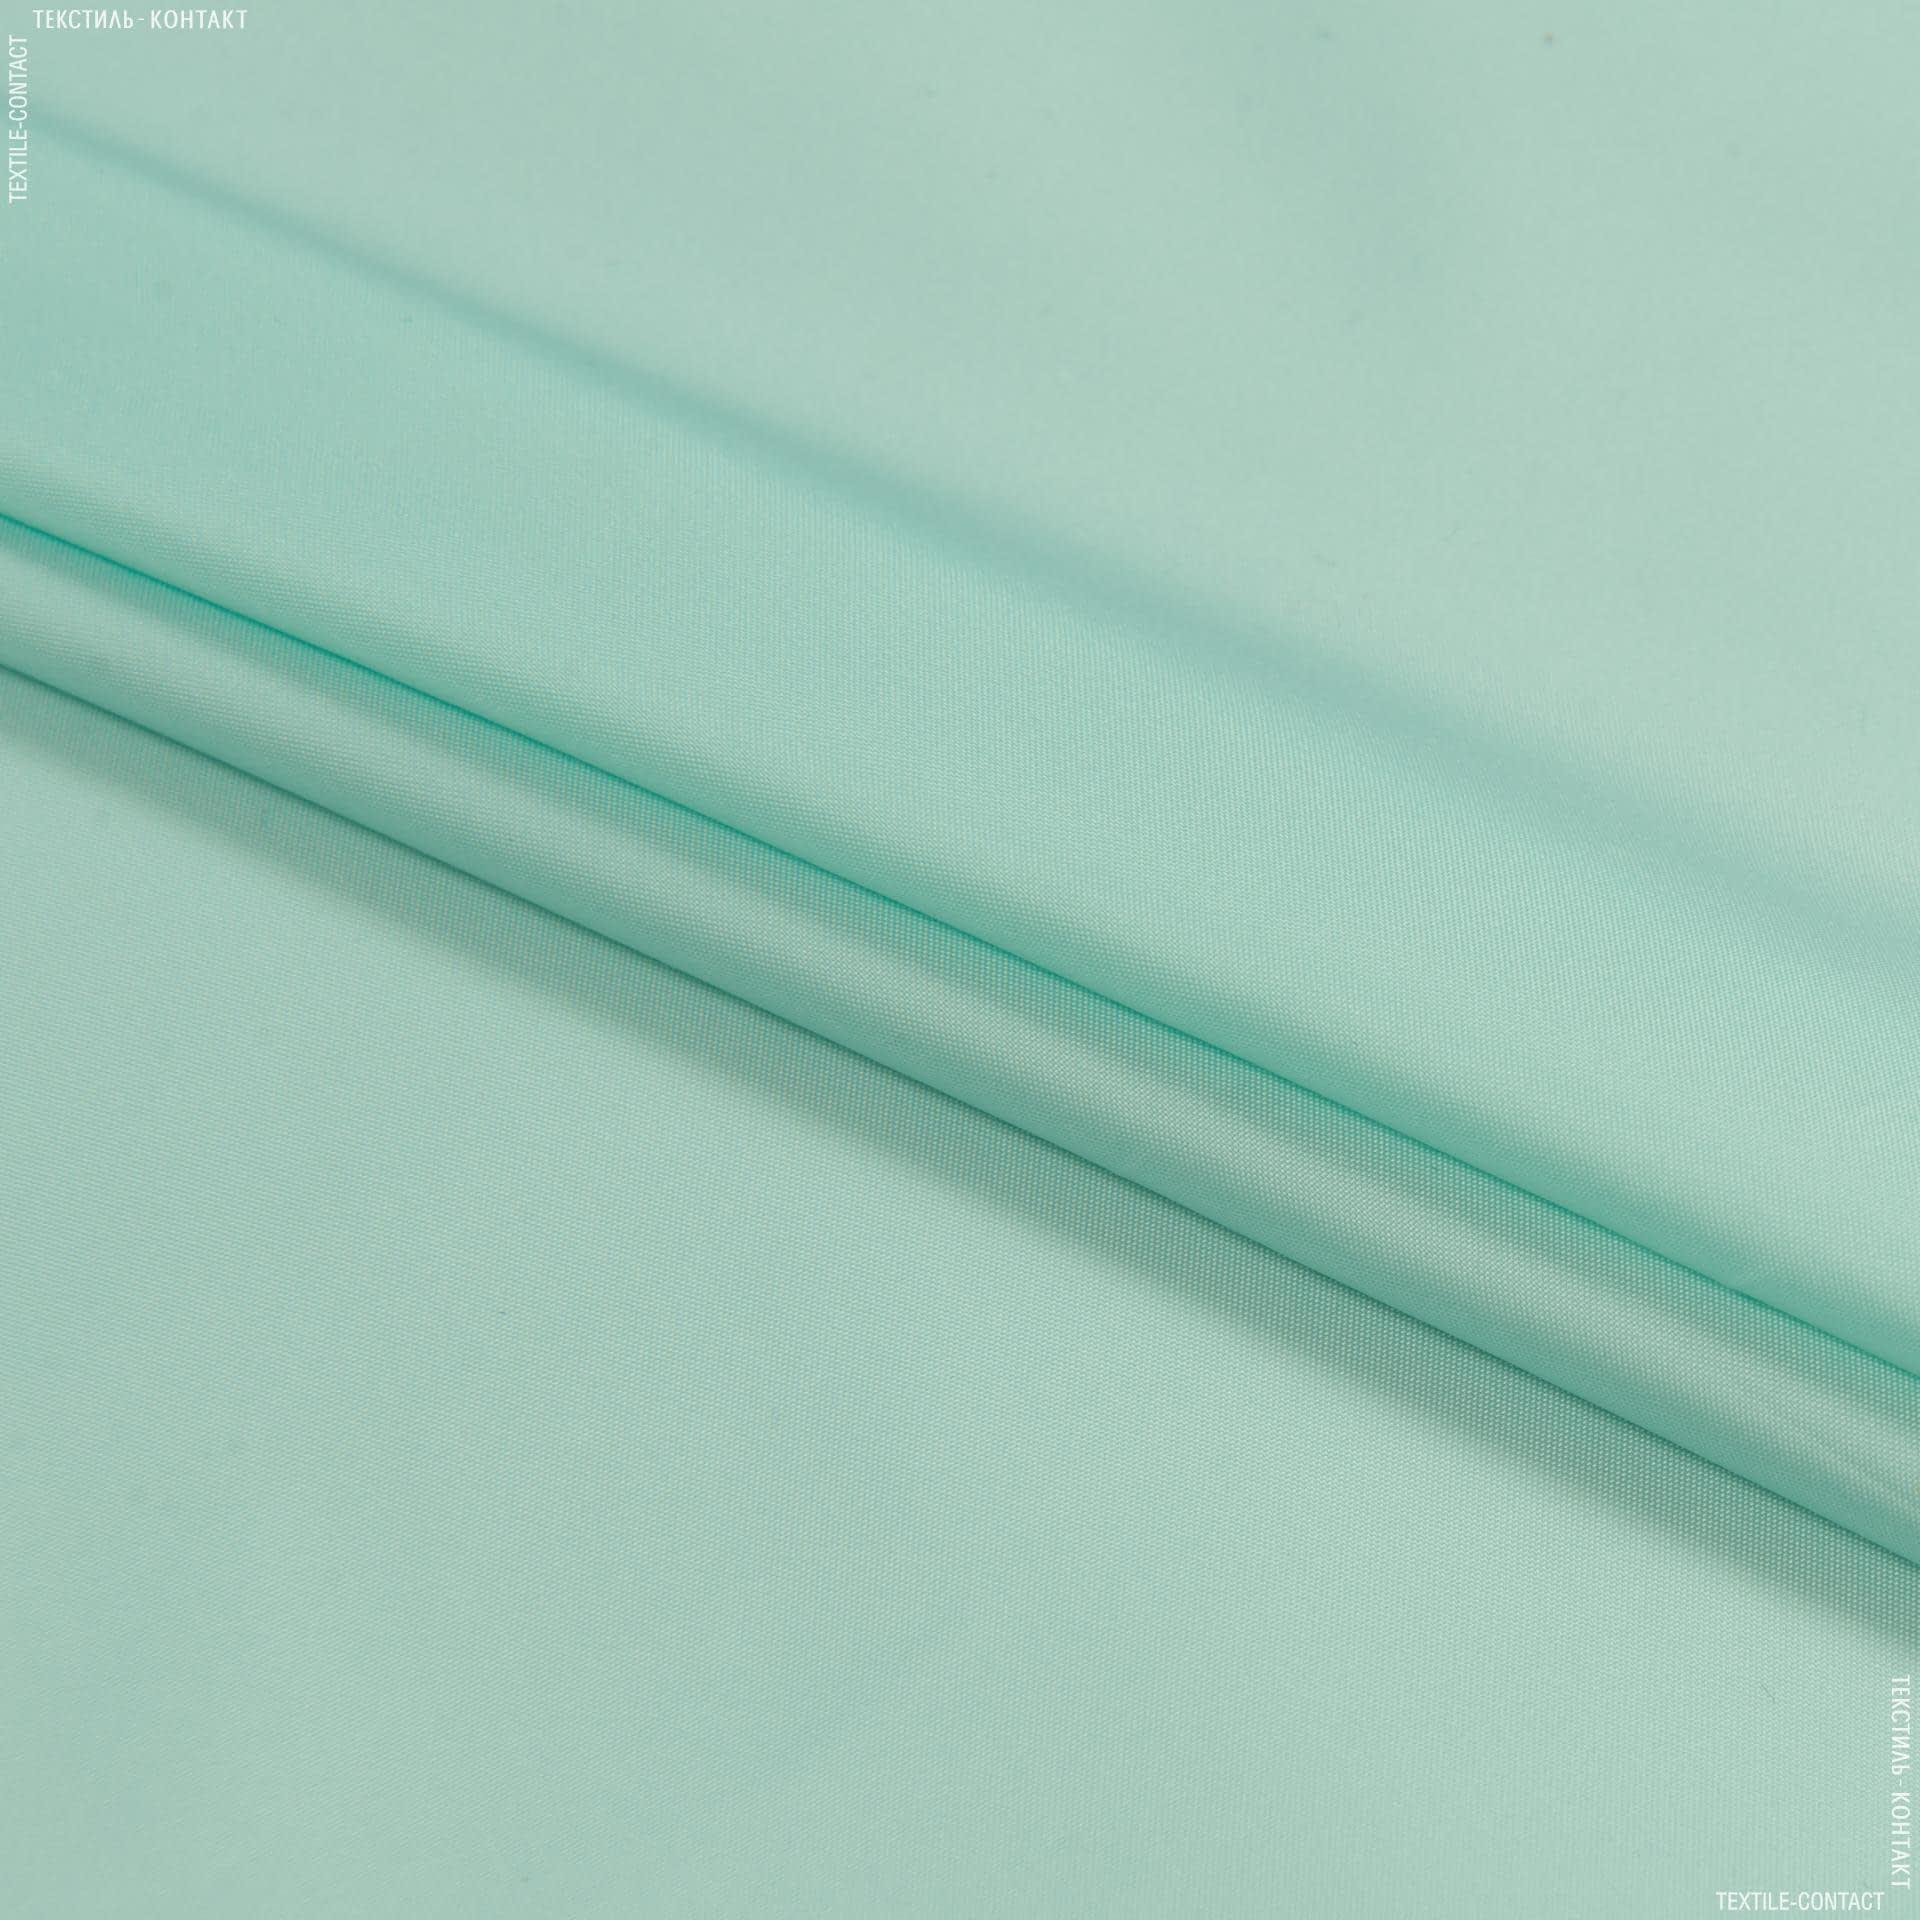 Ткани для верхней одежды - Плащевая руби лаке мятный